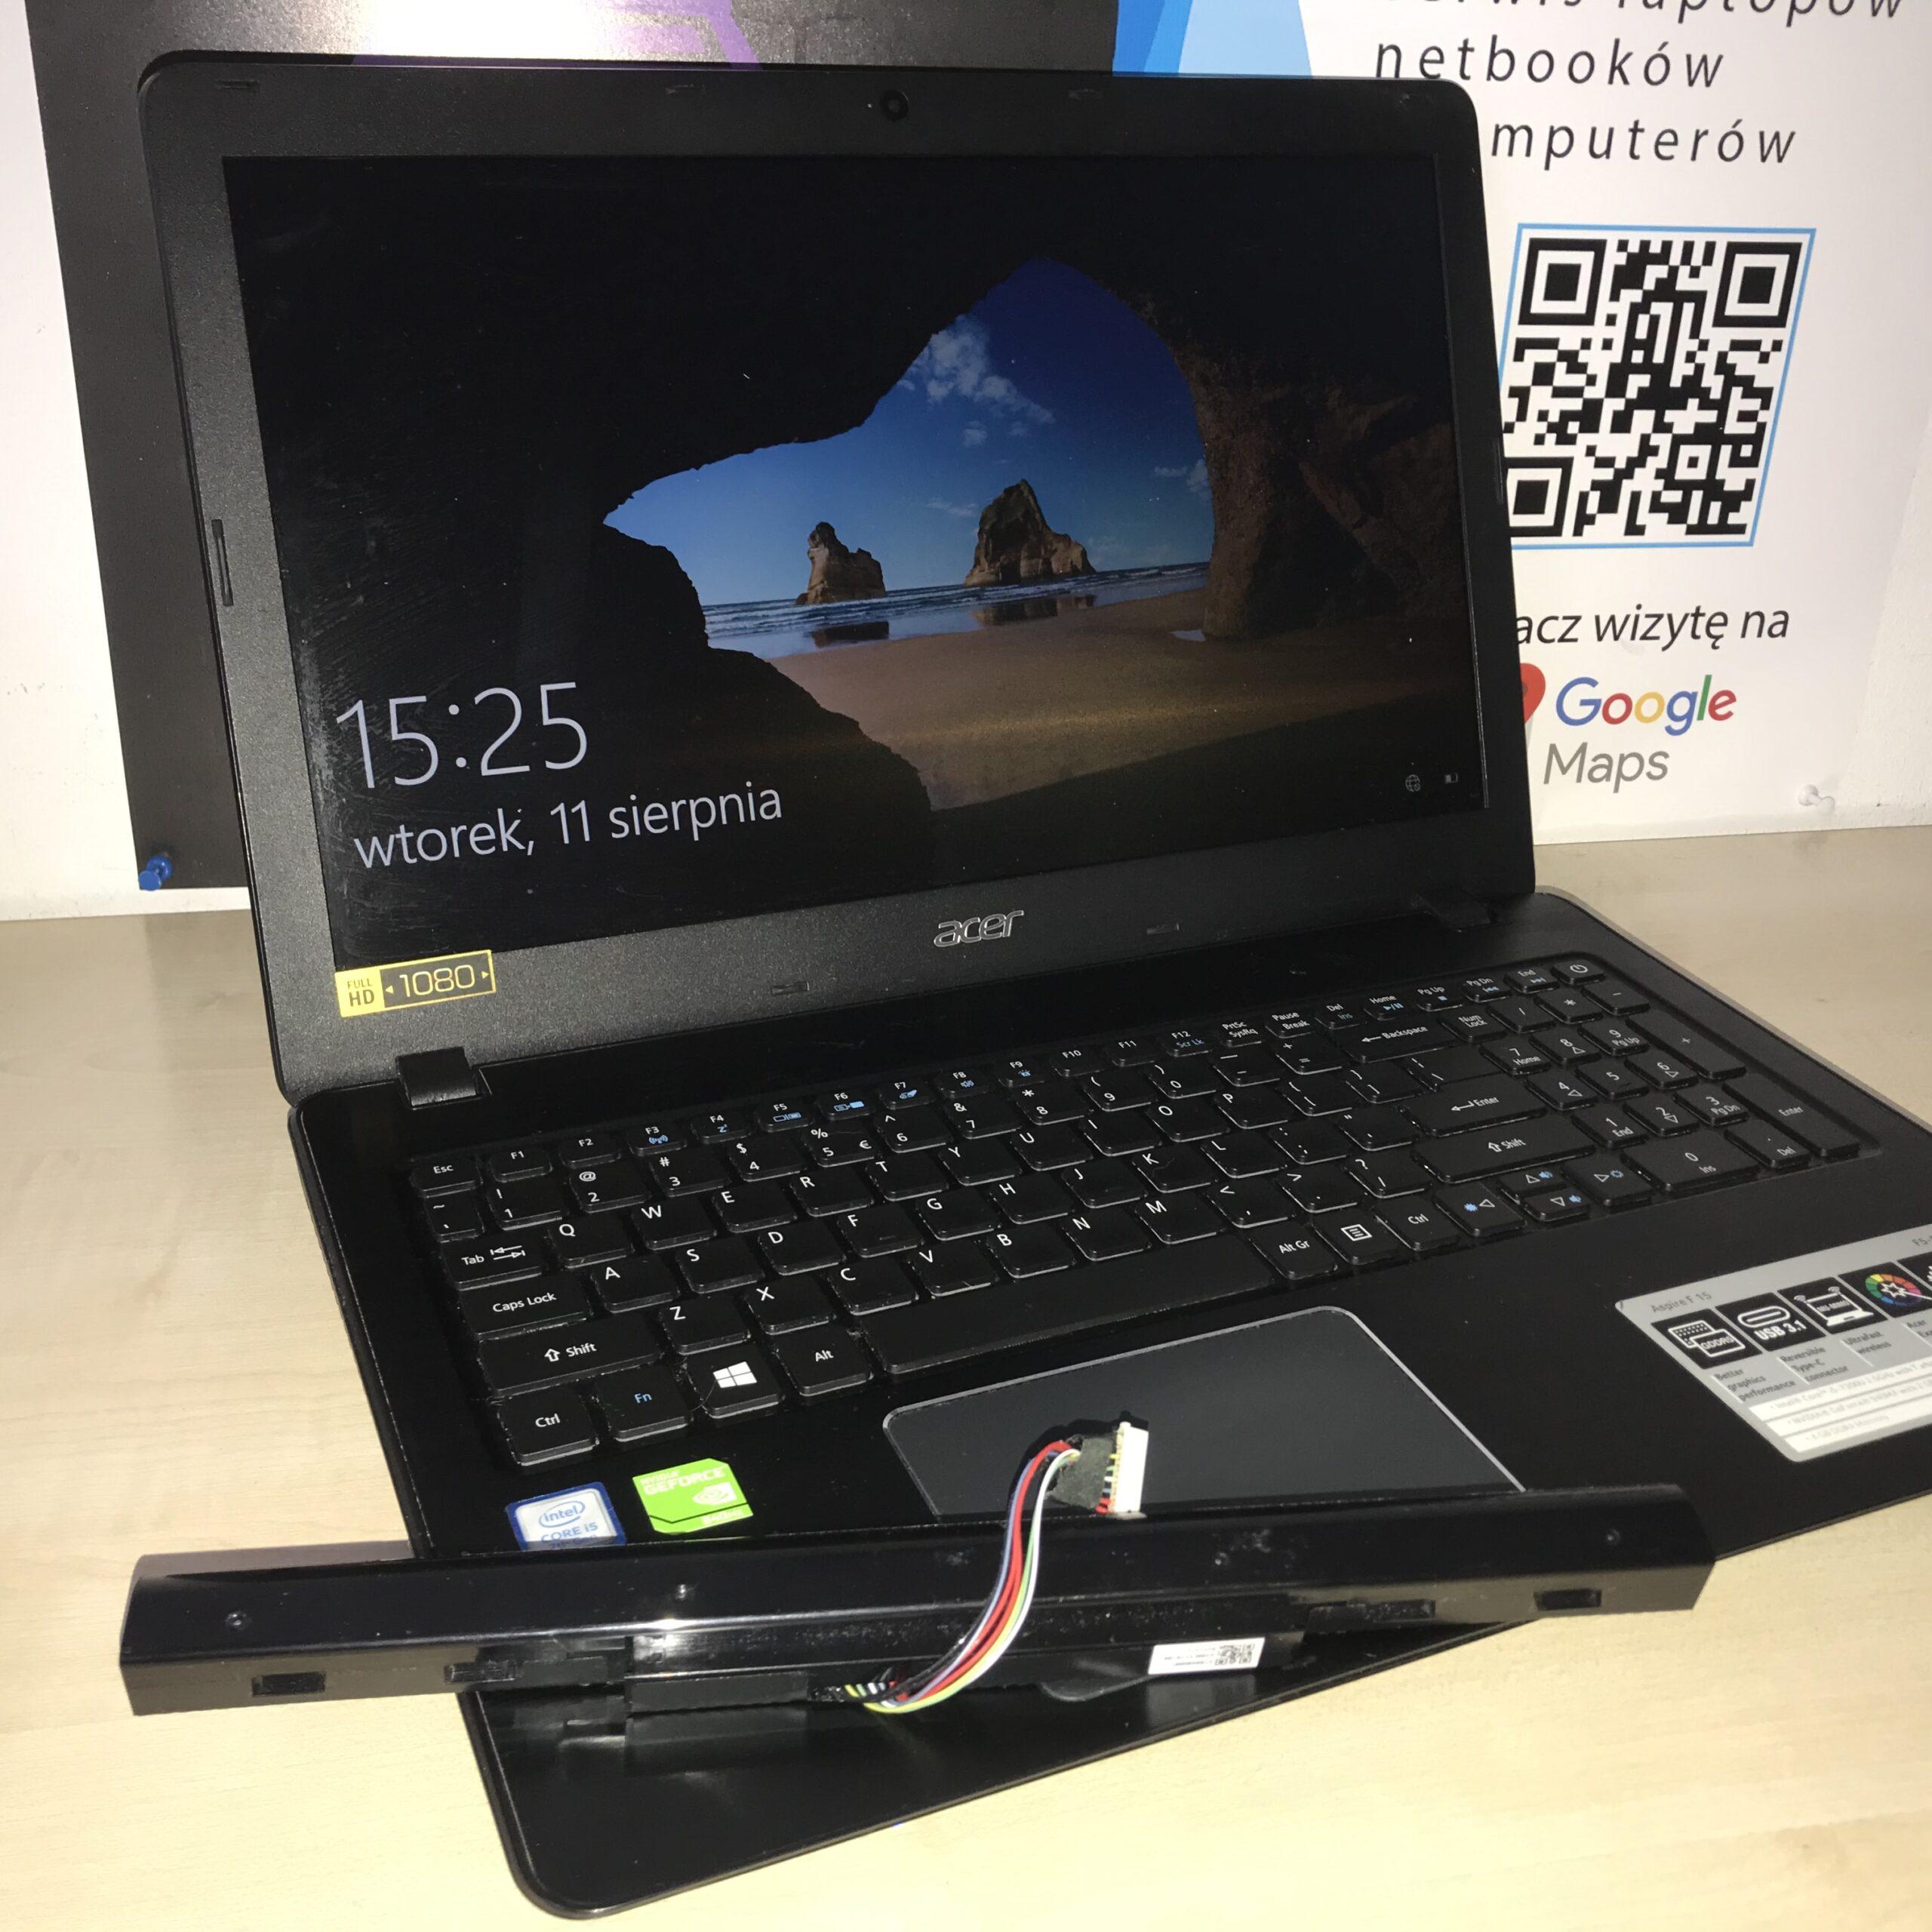 W przypadku tego laptopa wymiana baterii zajęła tylko godzinę